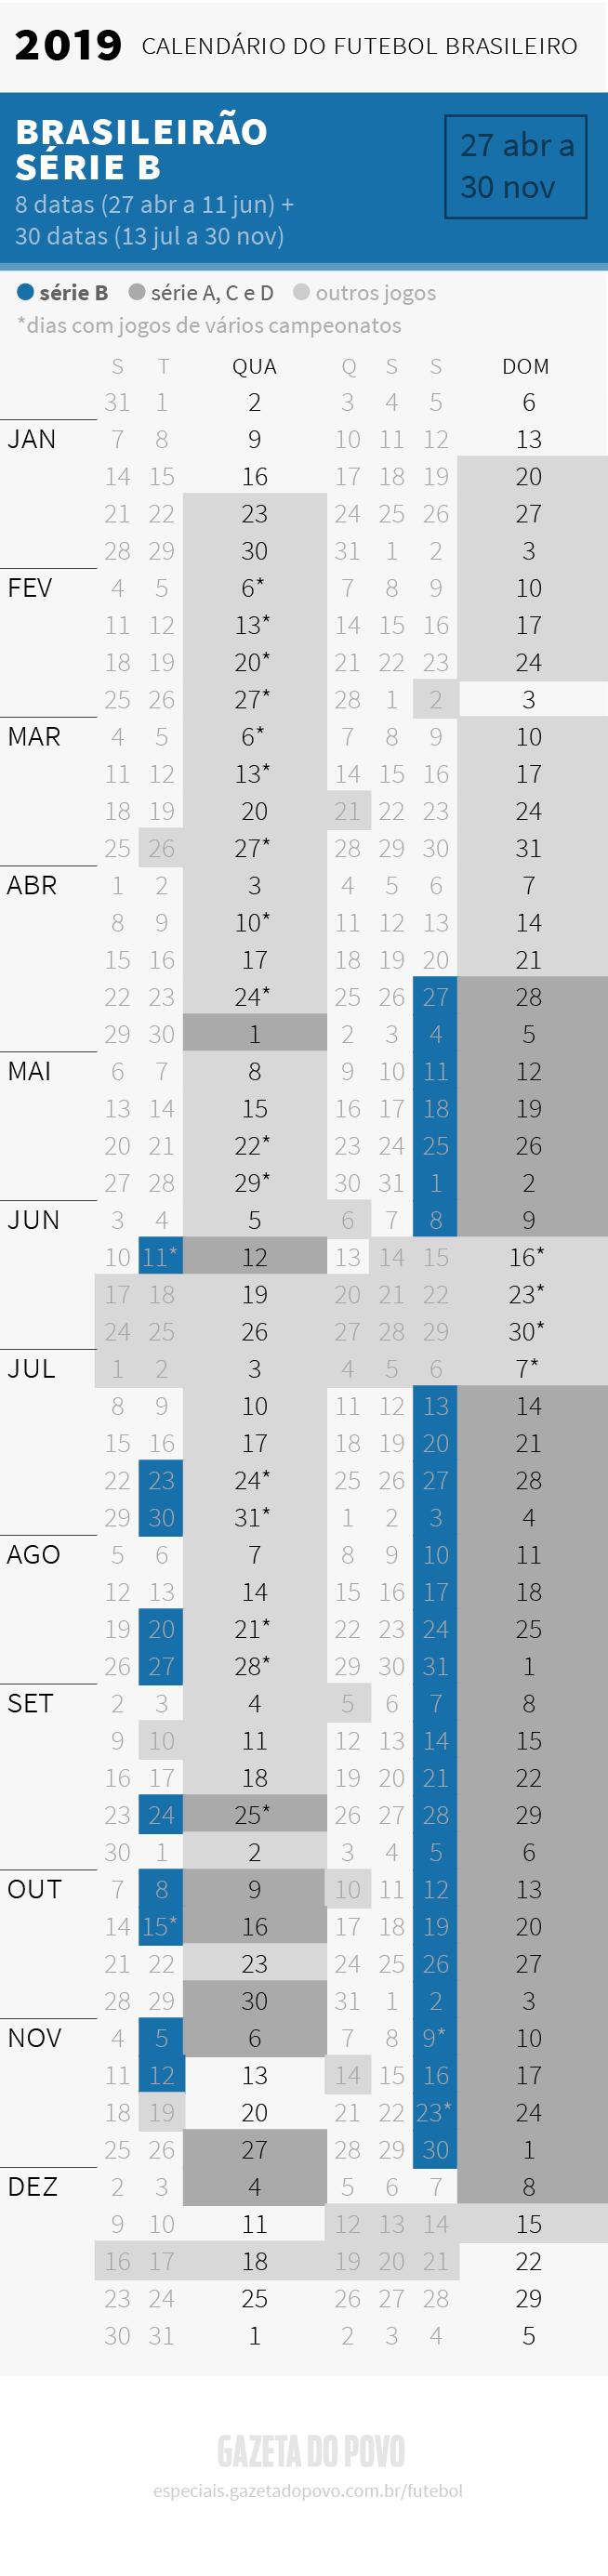 Calendário do Campeonato Brasileiro – Série B 2019 com a data de todos os jogos. A série B do Brasileirão começa em 27 de abril, com jogos às terças e sábados.